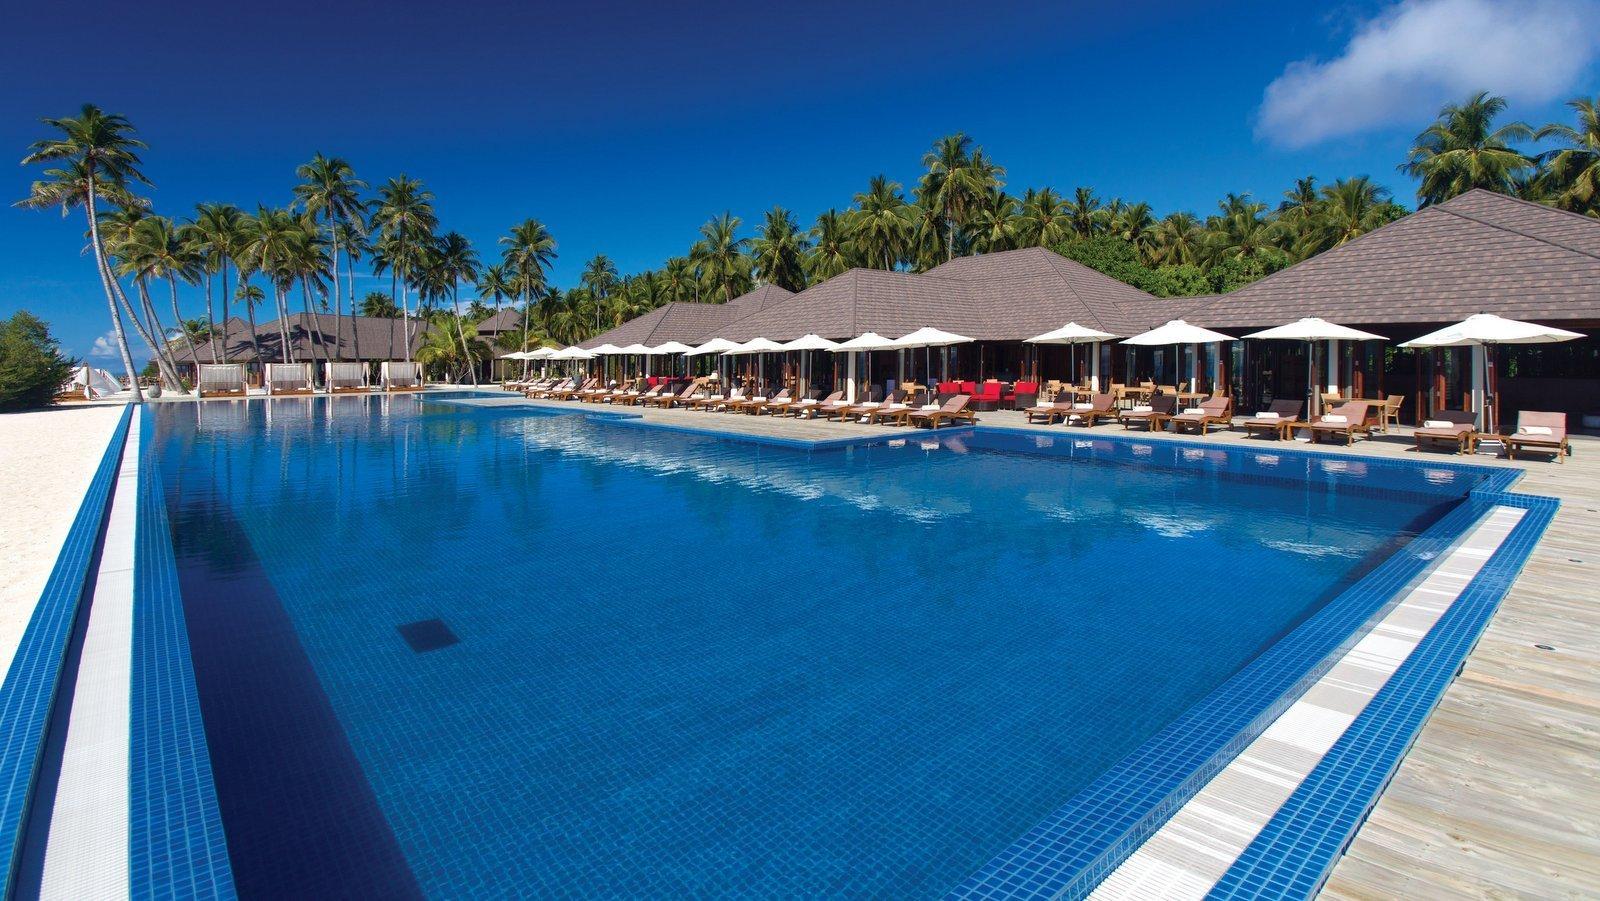 Мальдивы, отель Atmosphere Kanifushi Maldives, The Liquid Pool Bar